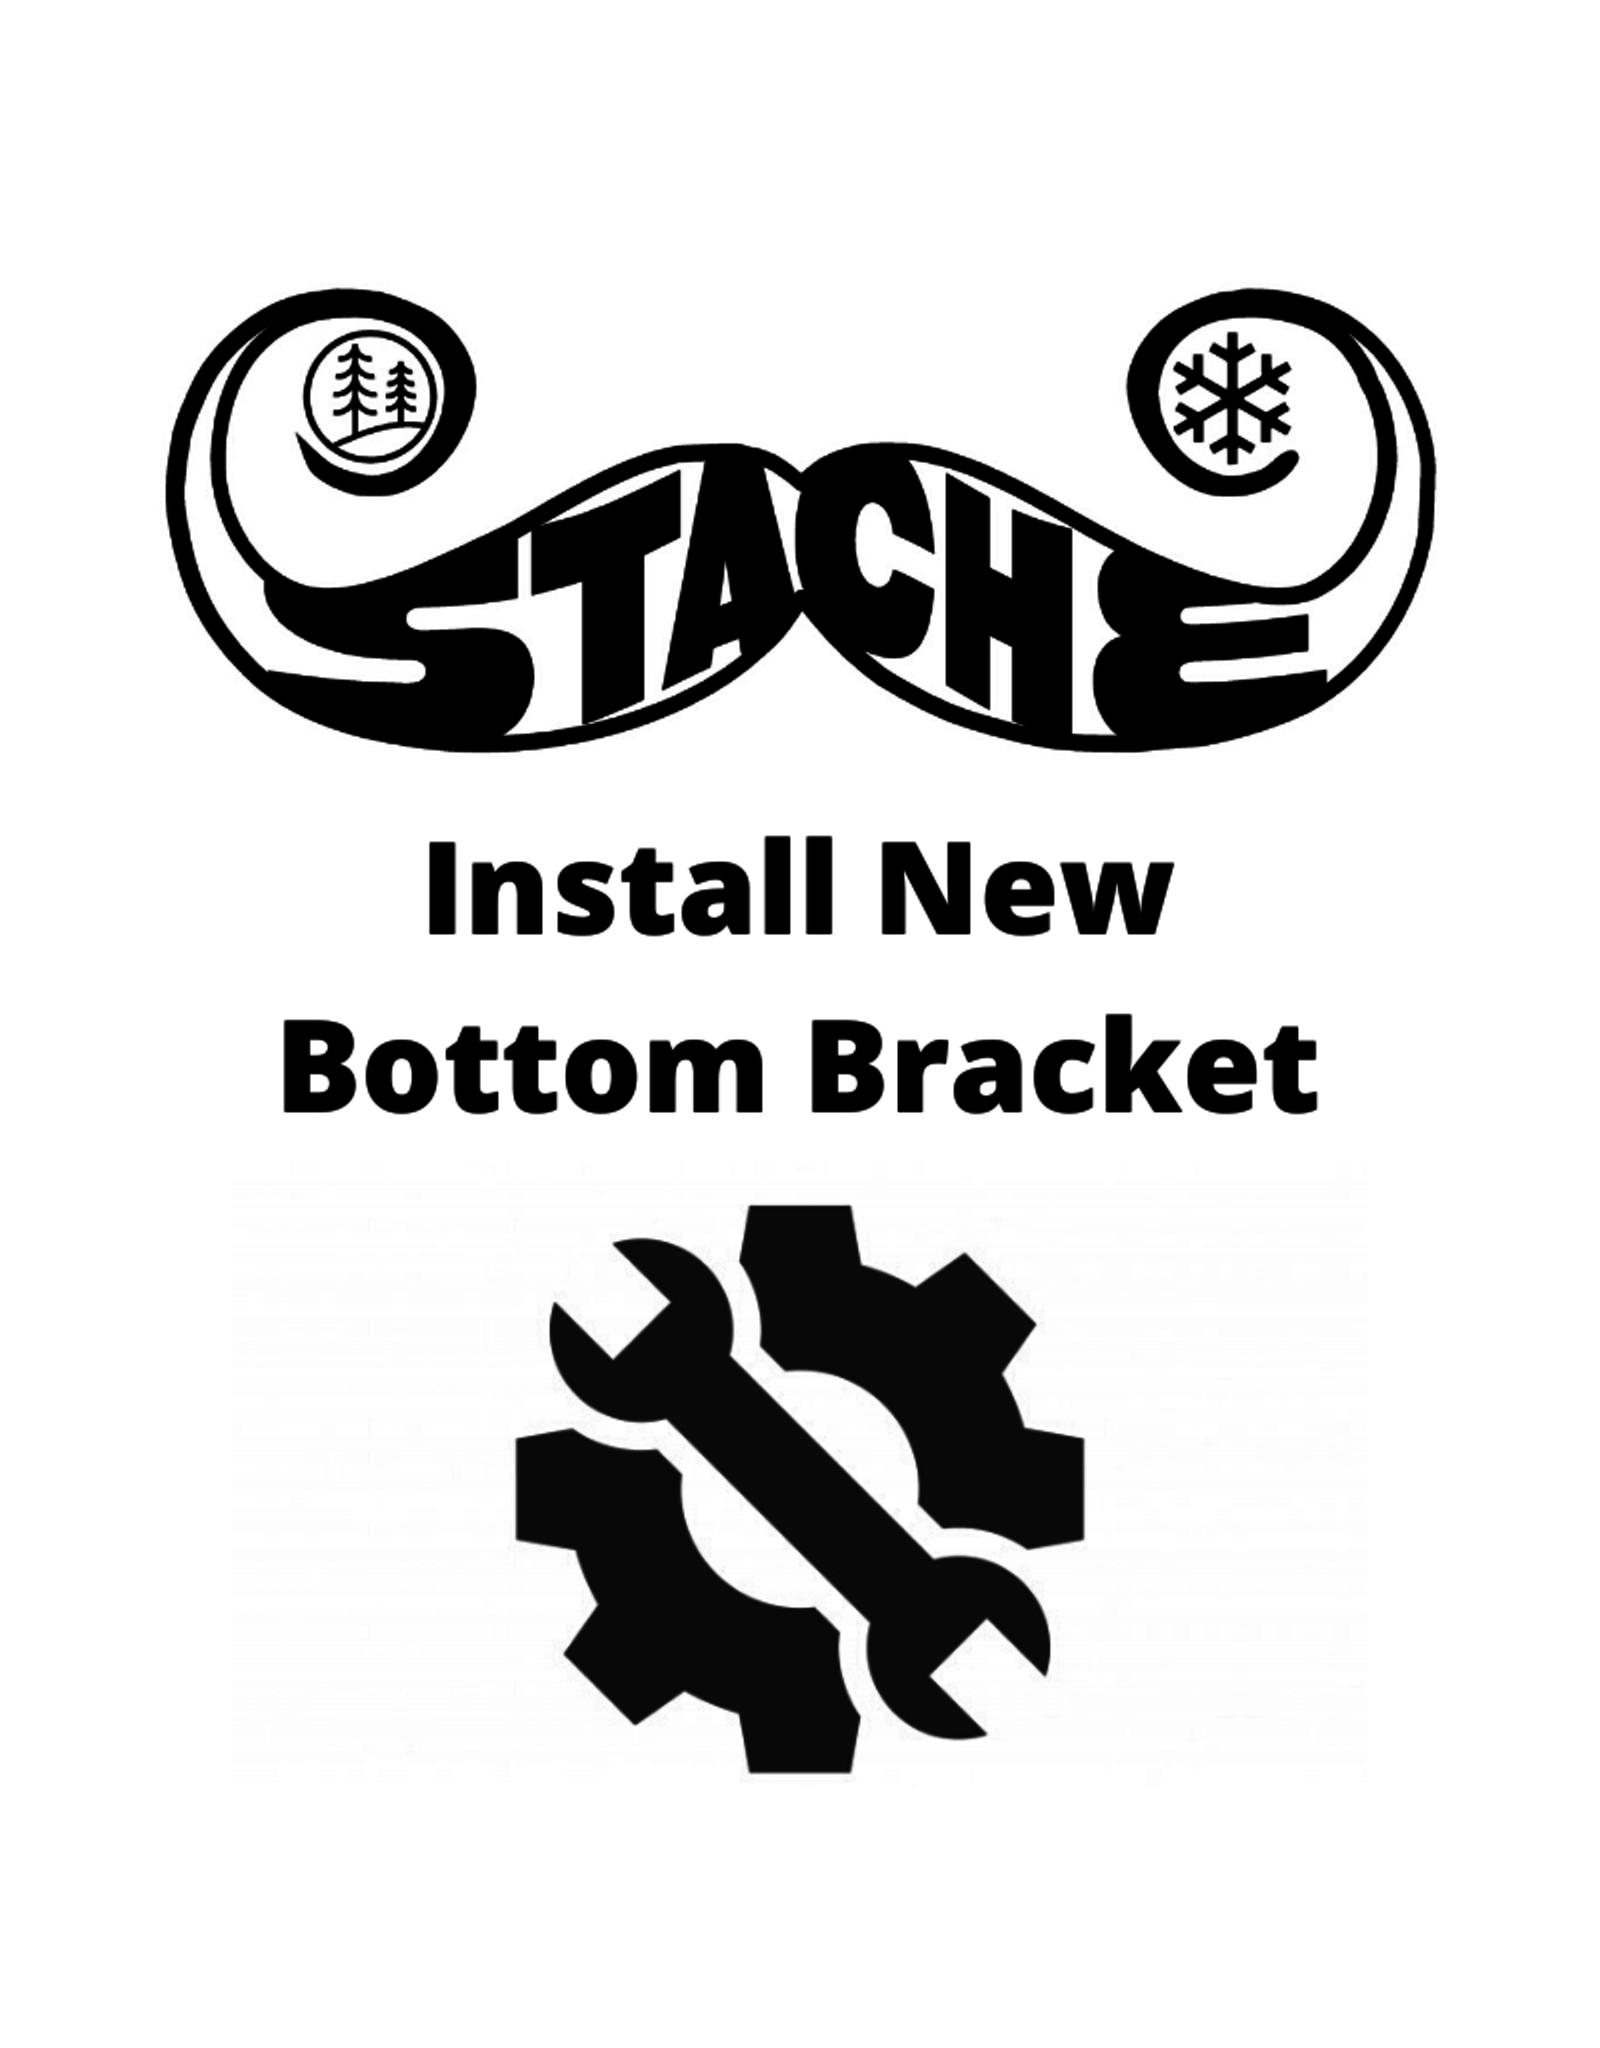 Install New Bottom Bracket